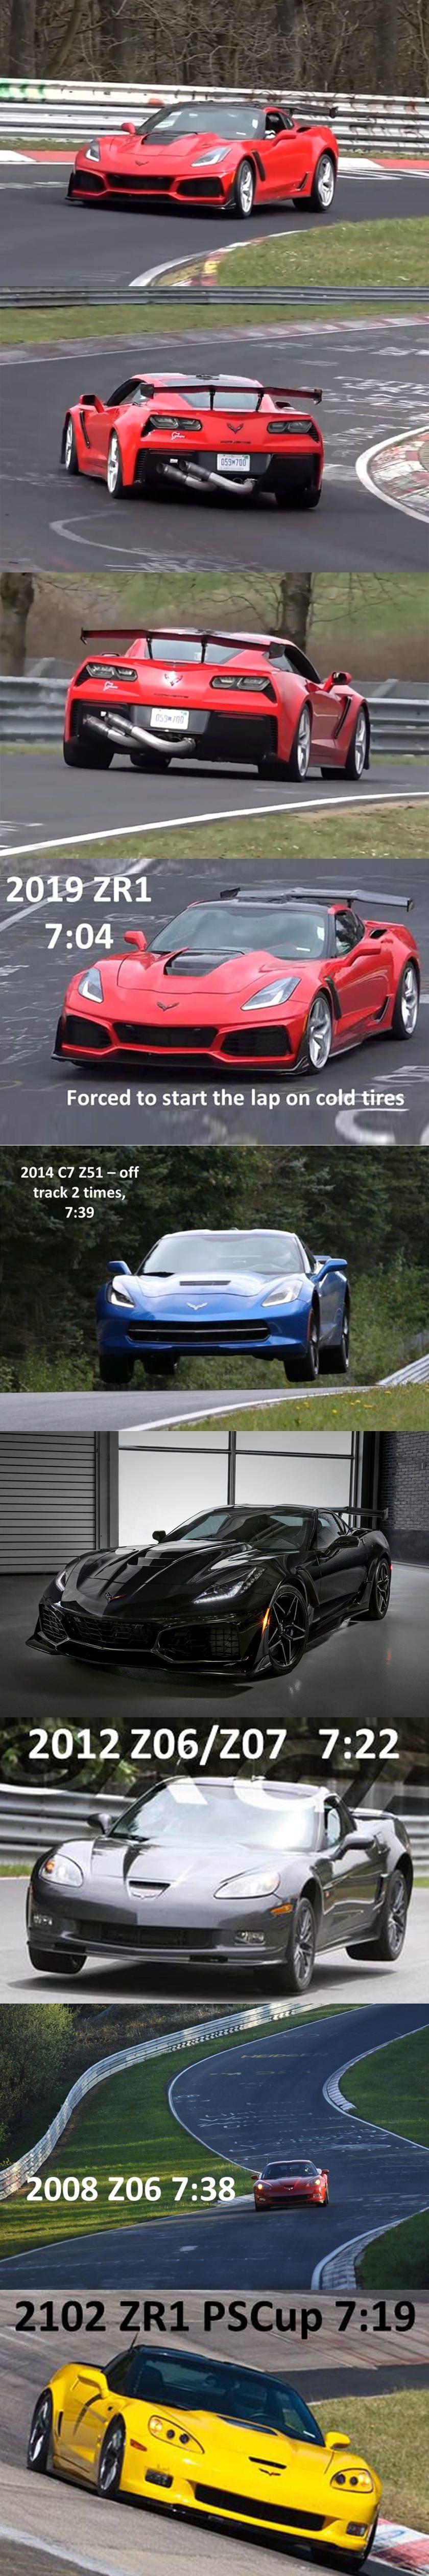 How Fast Is The Corvette Zr1 S Nurburgring Lap Time We Finally Have An Answer Corvette Zr1 Corvette Porsche 911 Gt2 Rs